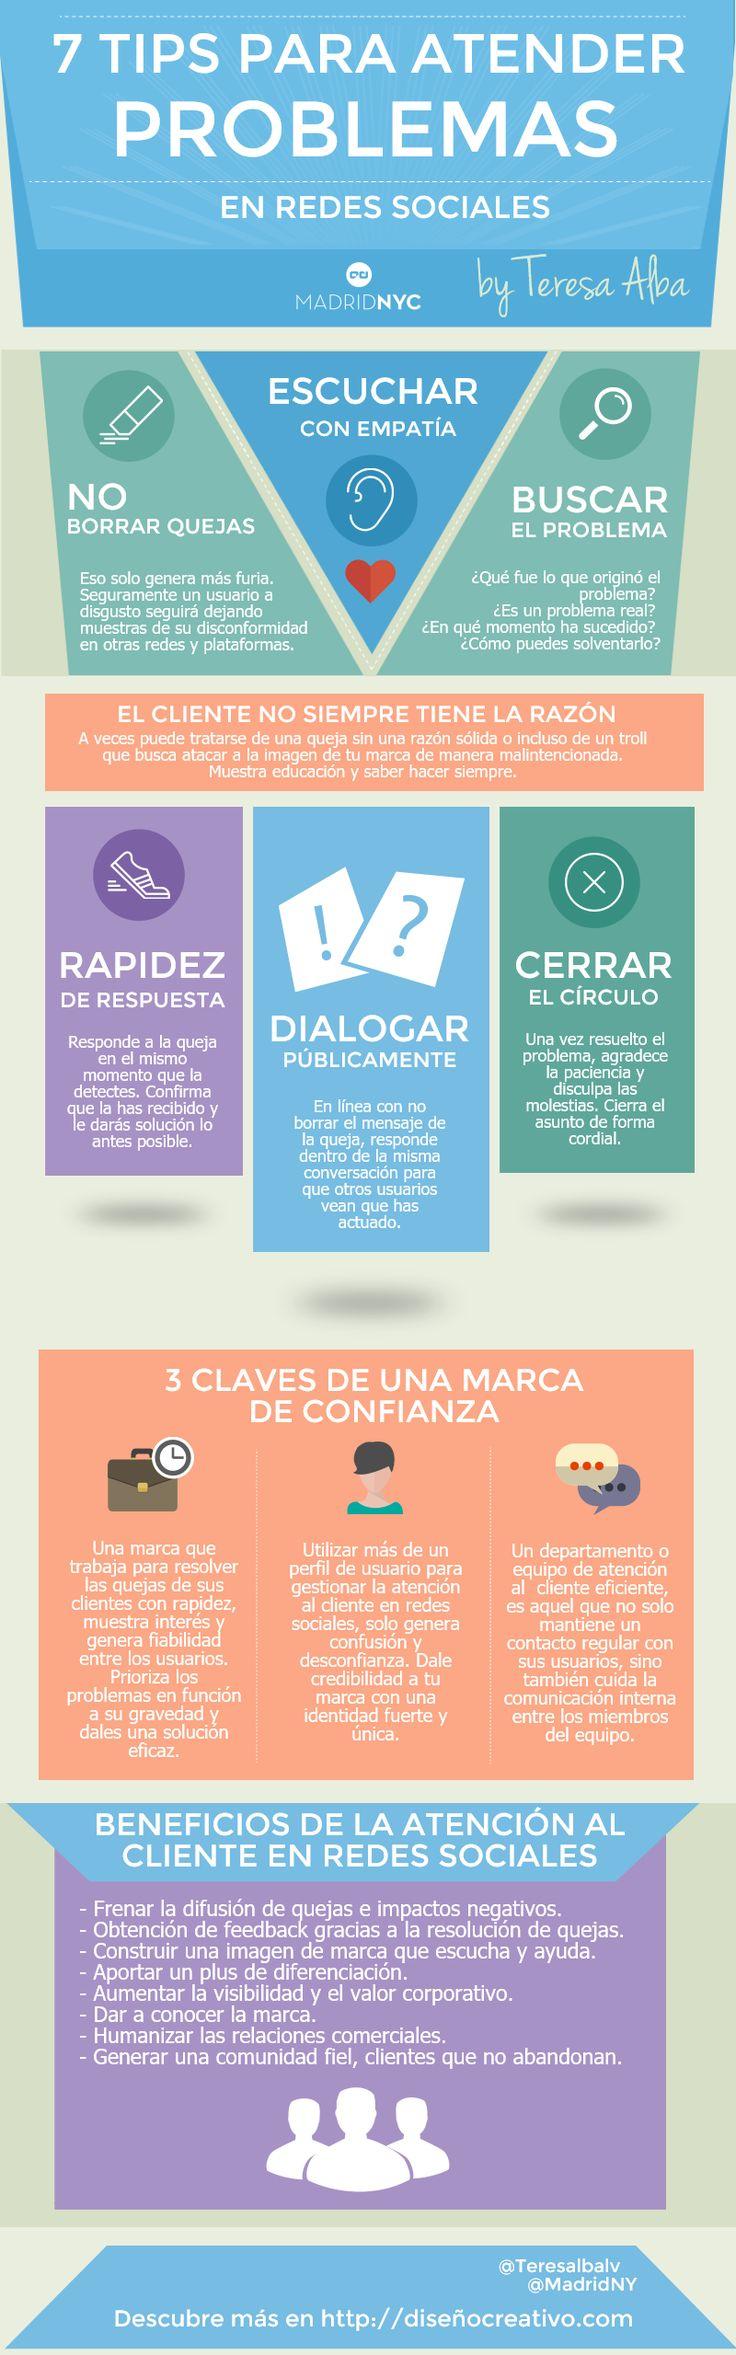 Hola: Una infografía con 7 consejos para atender problemas en Redes Sociales. Vía Un saludo